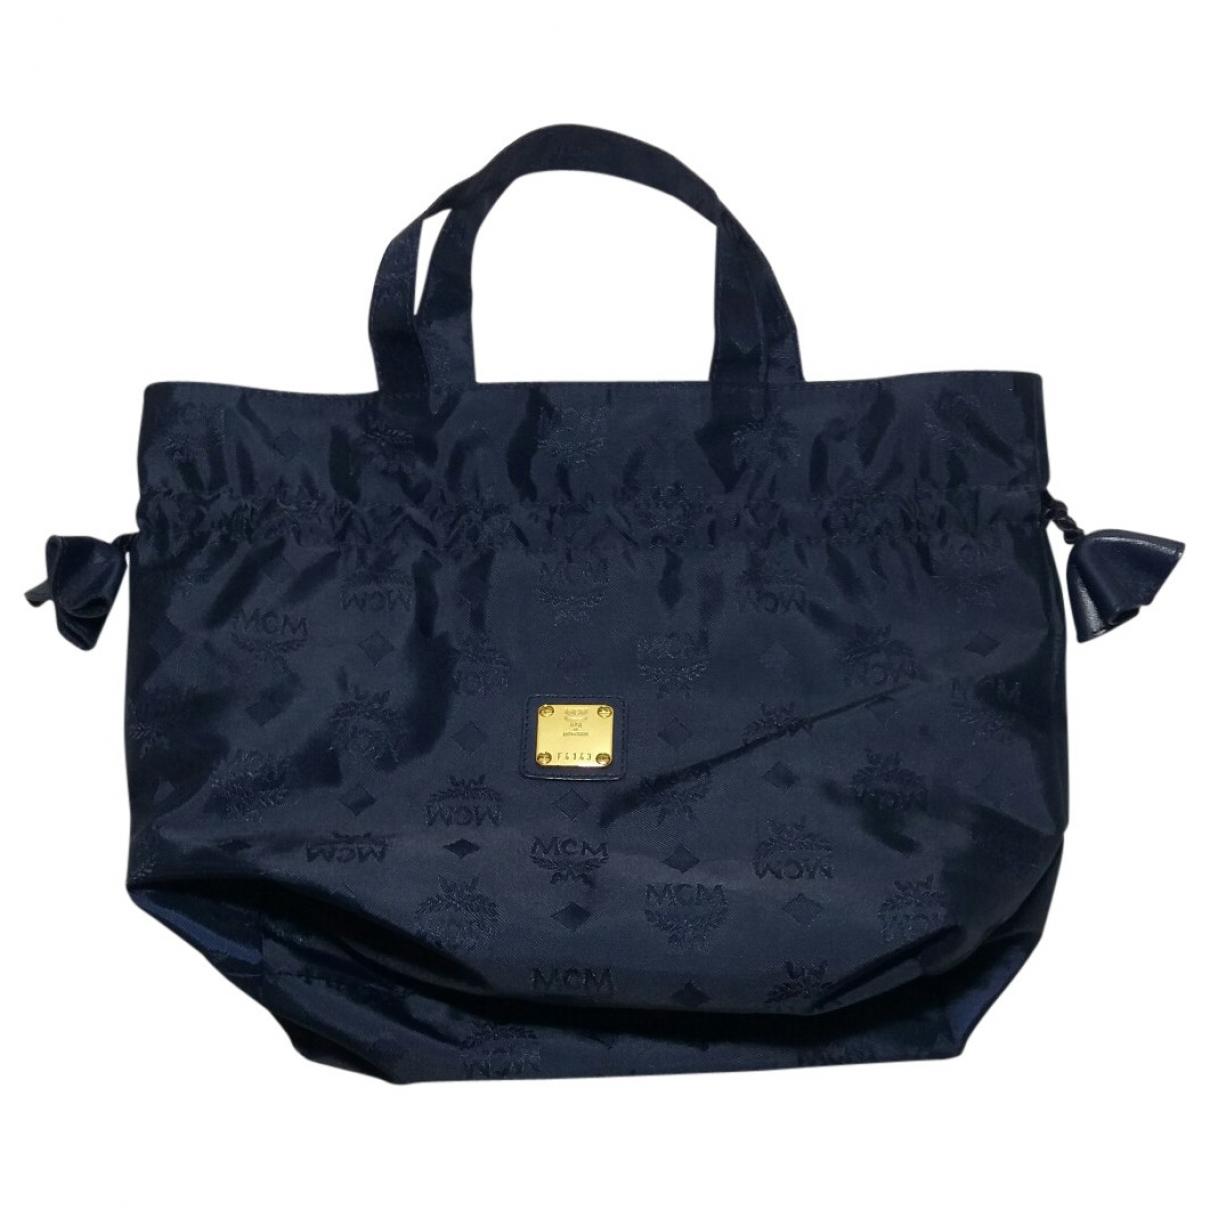 Mcm \N Navy handbag for Women \N